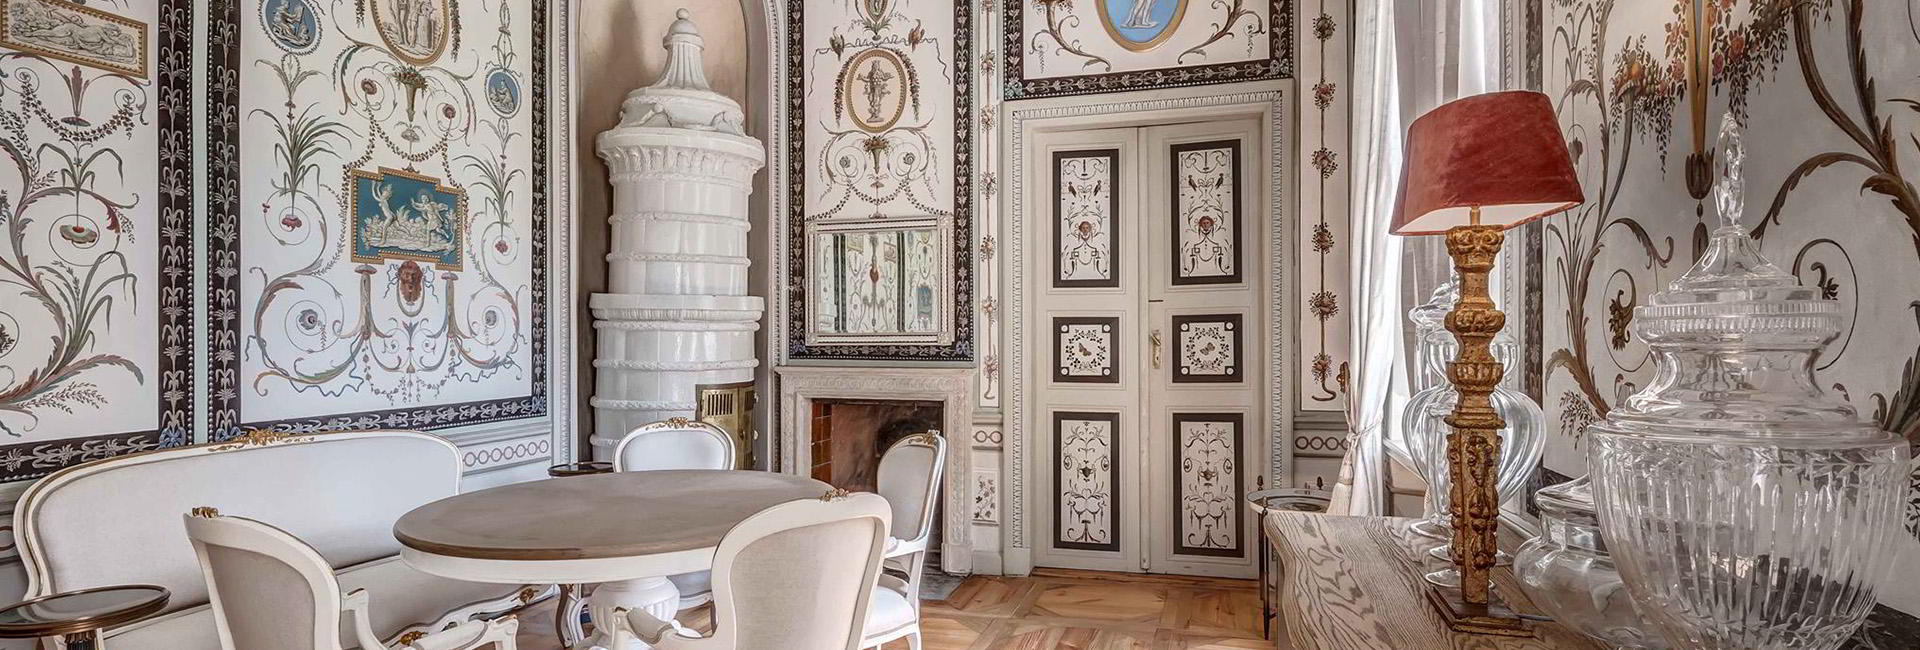 Salon at Hotel Mala Wies Palace